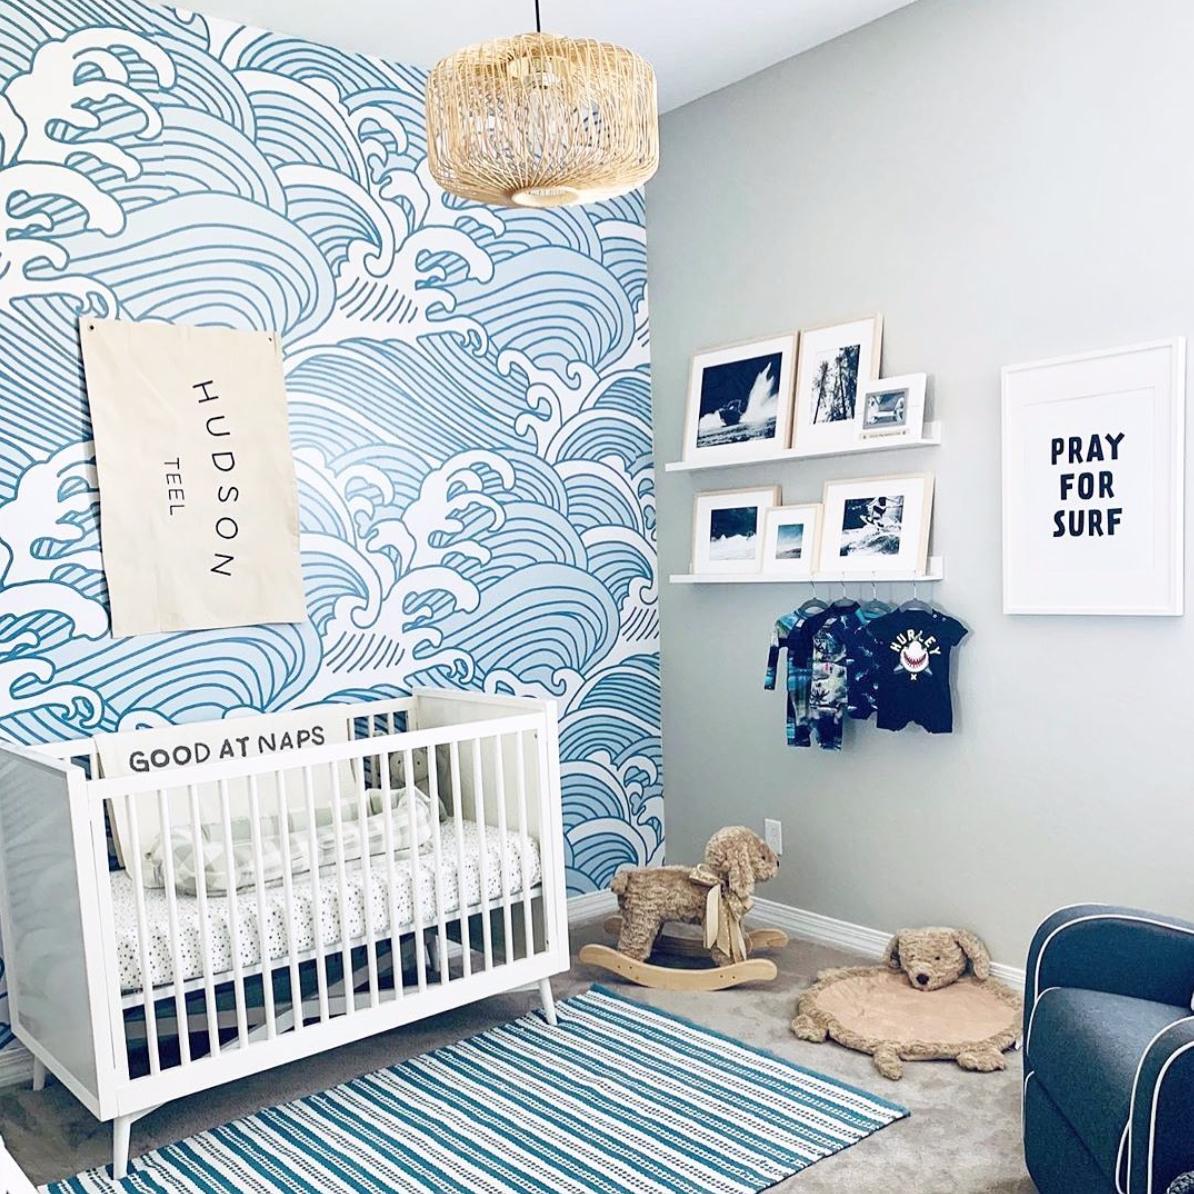 Here S What S Trending In The Nursery This Week Project Nursery Nursery Baby Room Stylish Nursery Blue Nursery